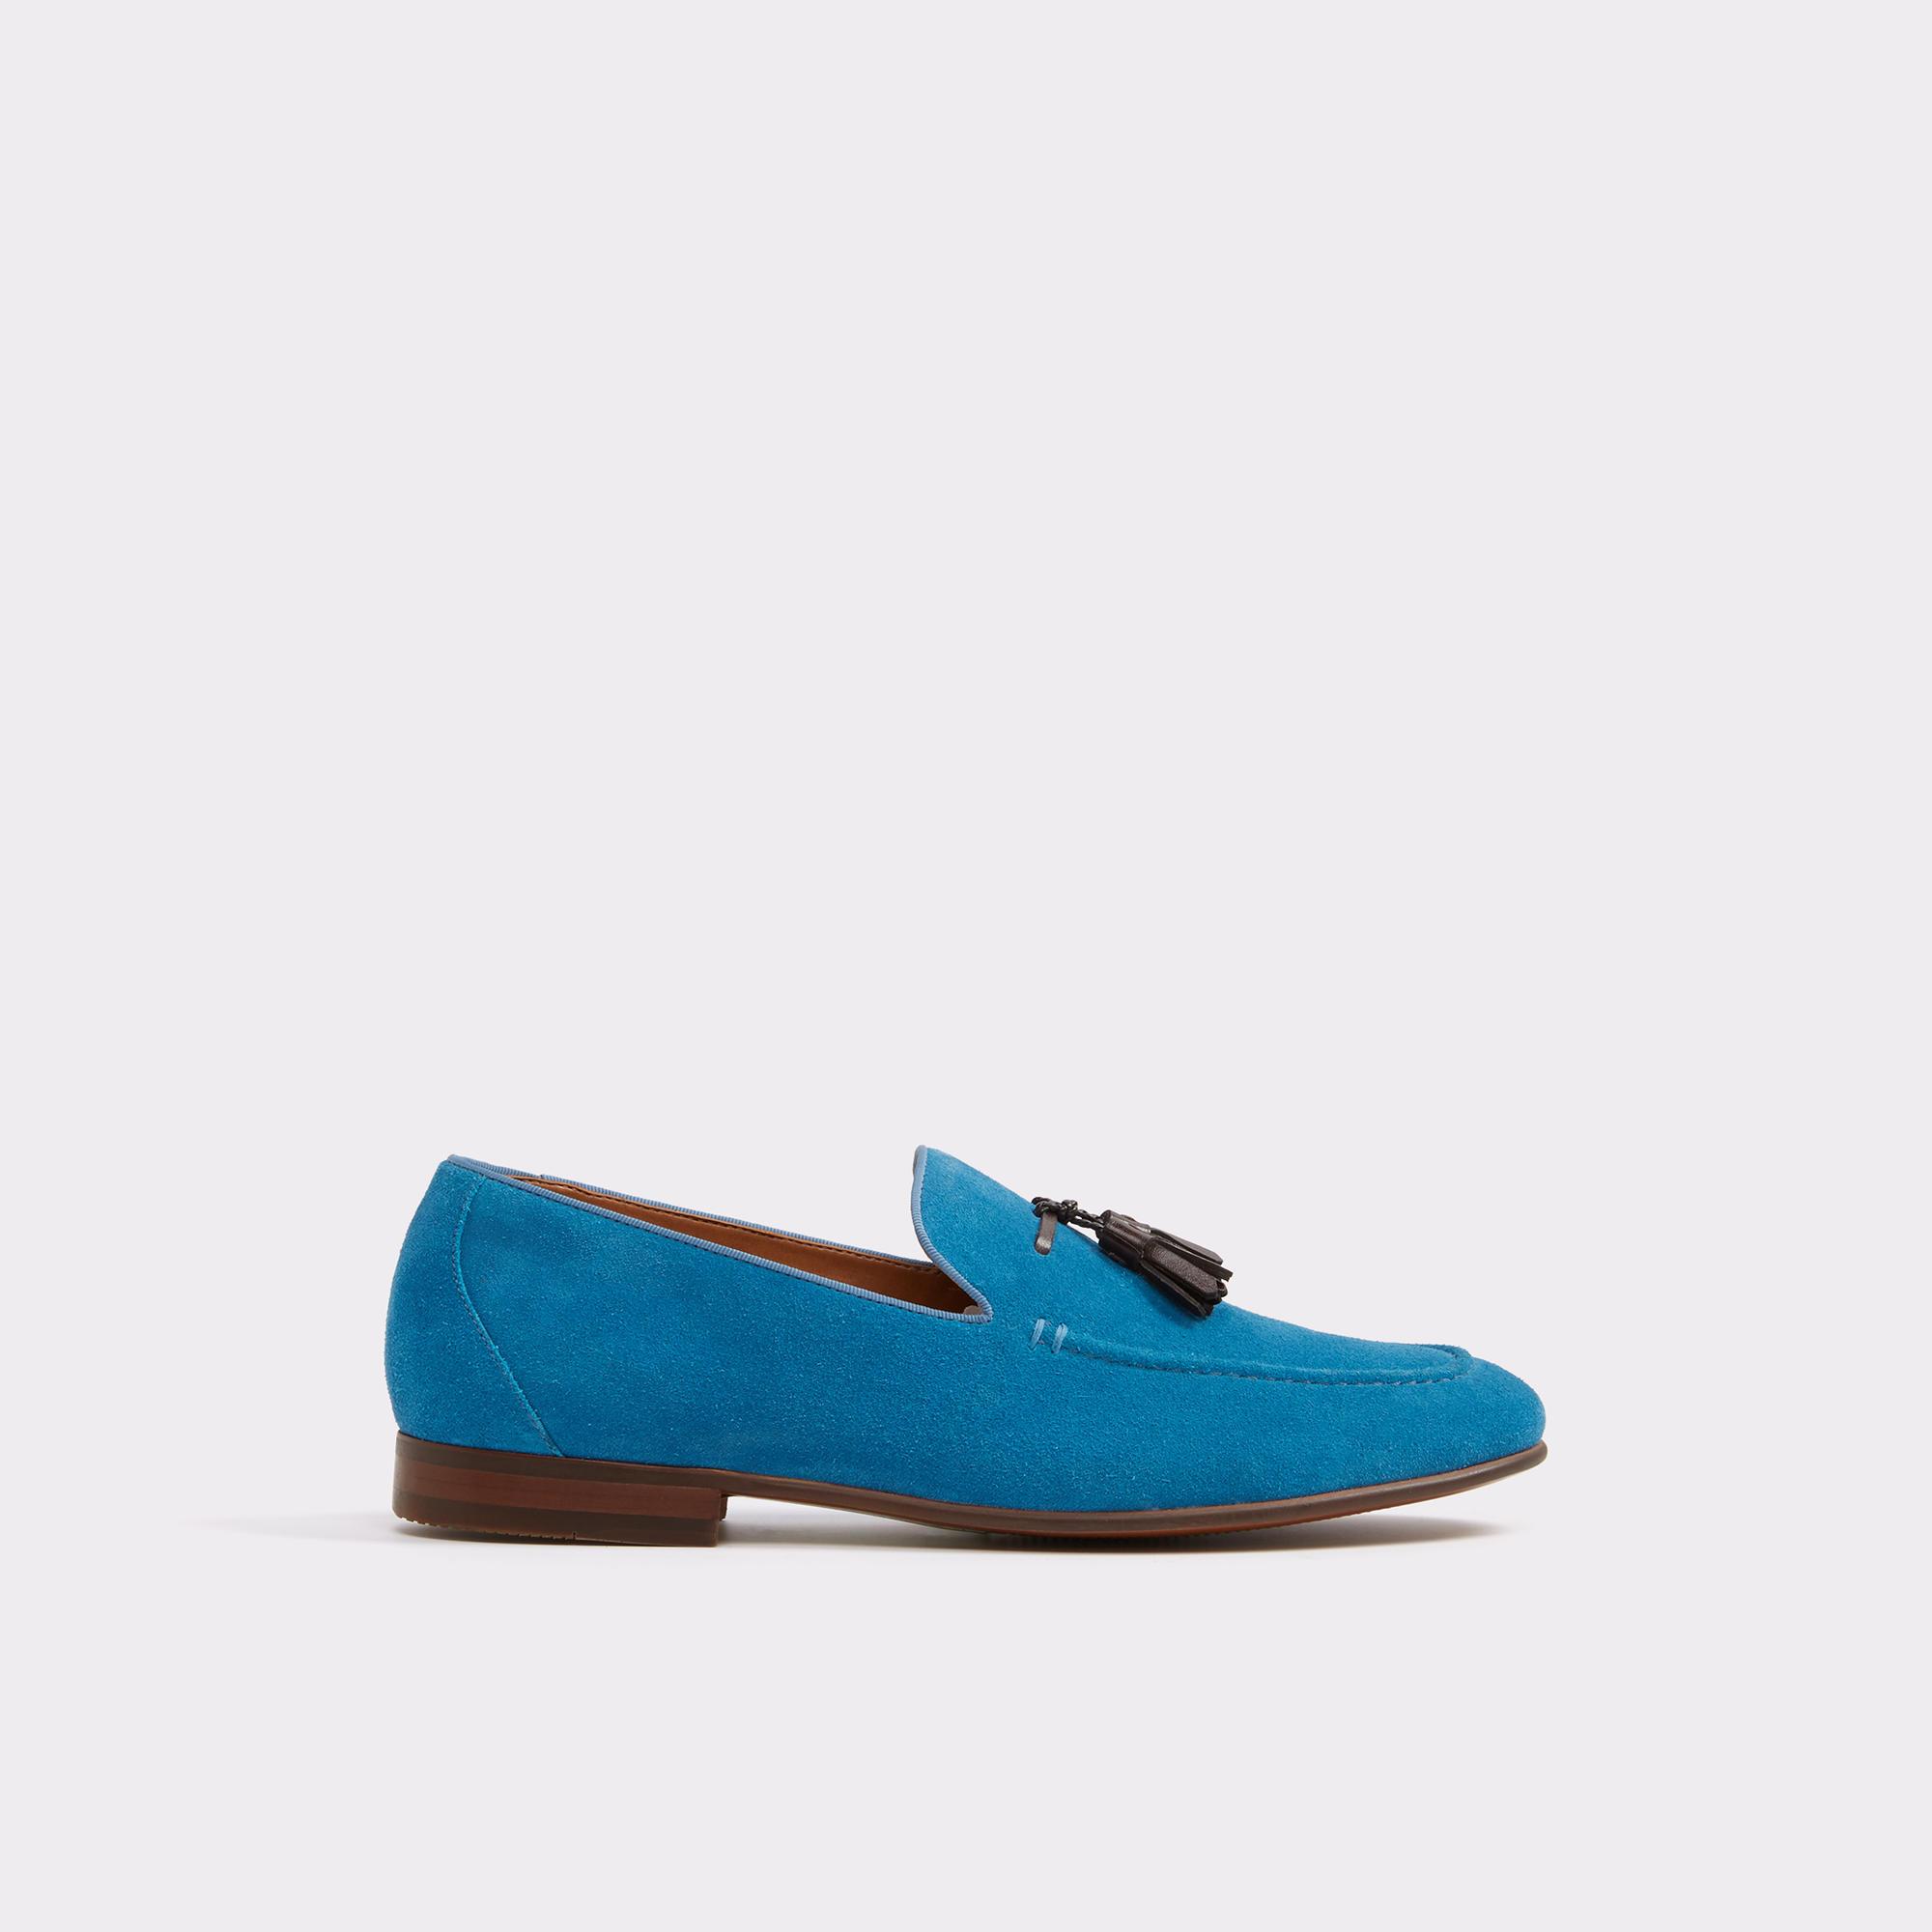 https://www.aldoshoes.com/us/en_US/men/footwear/dress-shoes/loafers/Wyanet-Blue/p/51219475-6